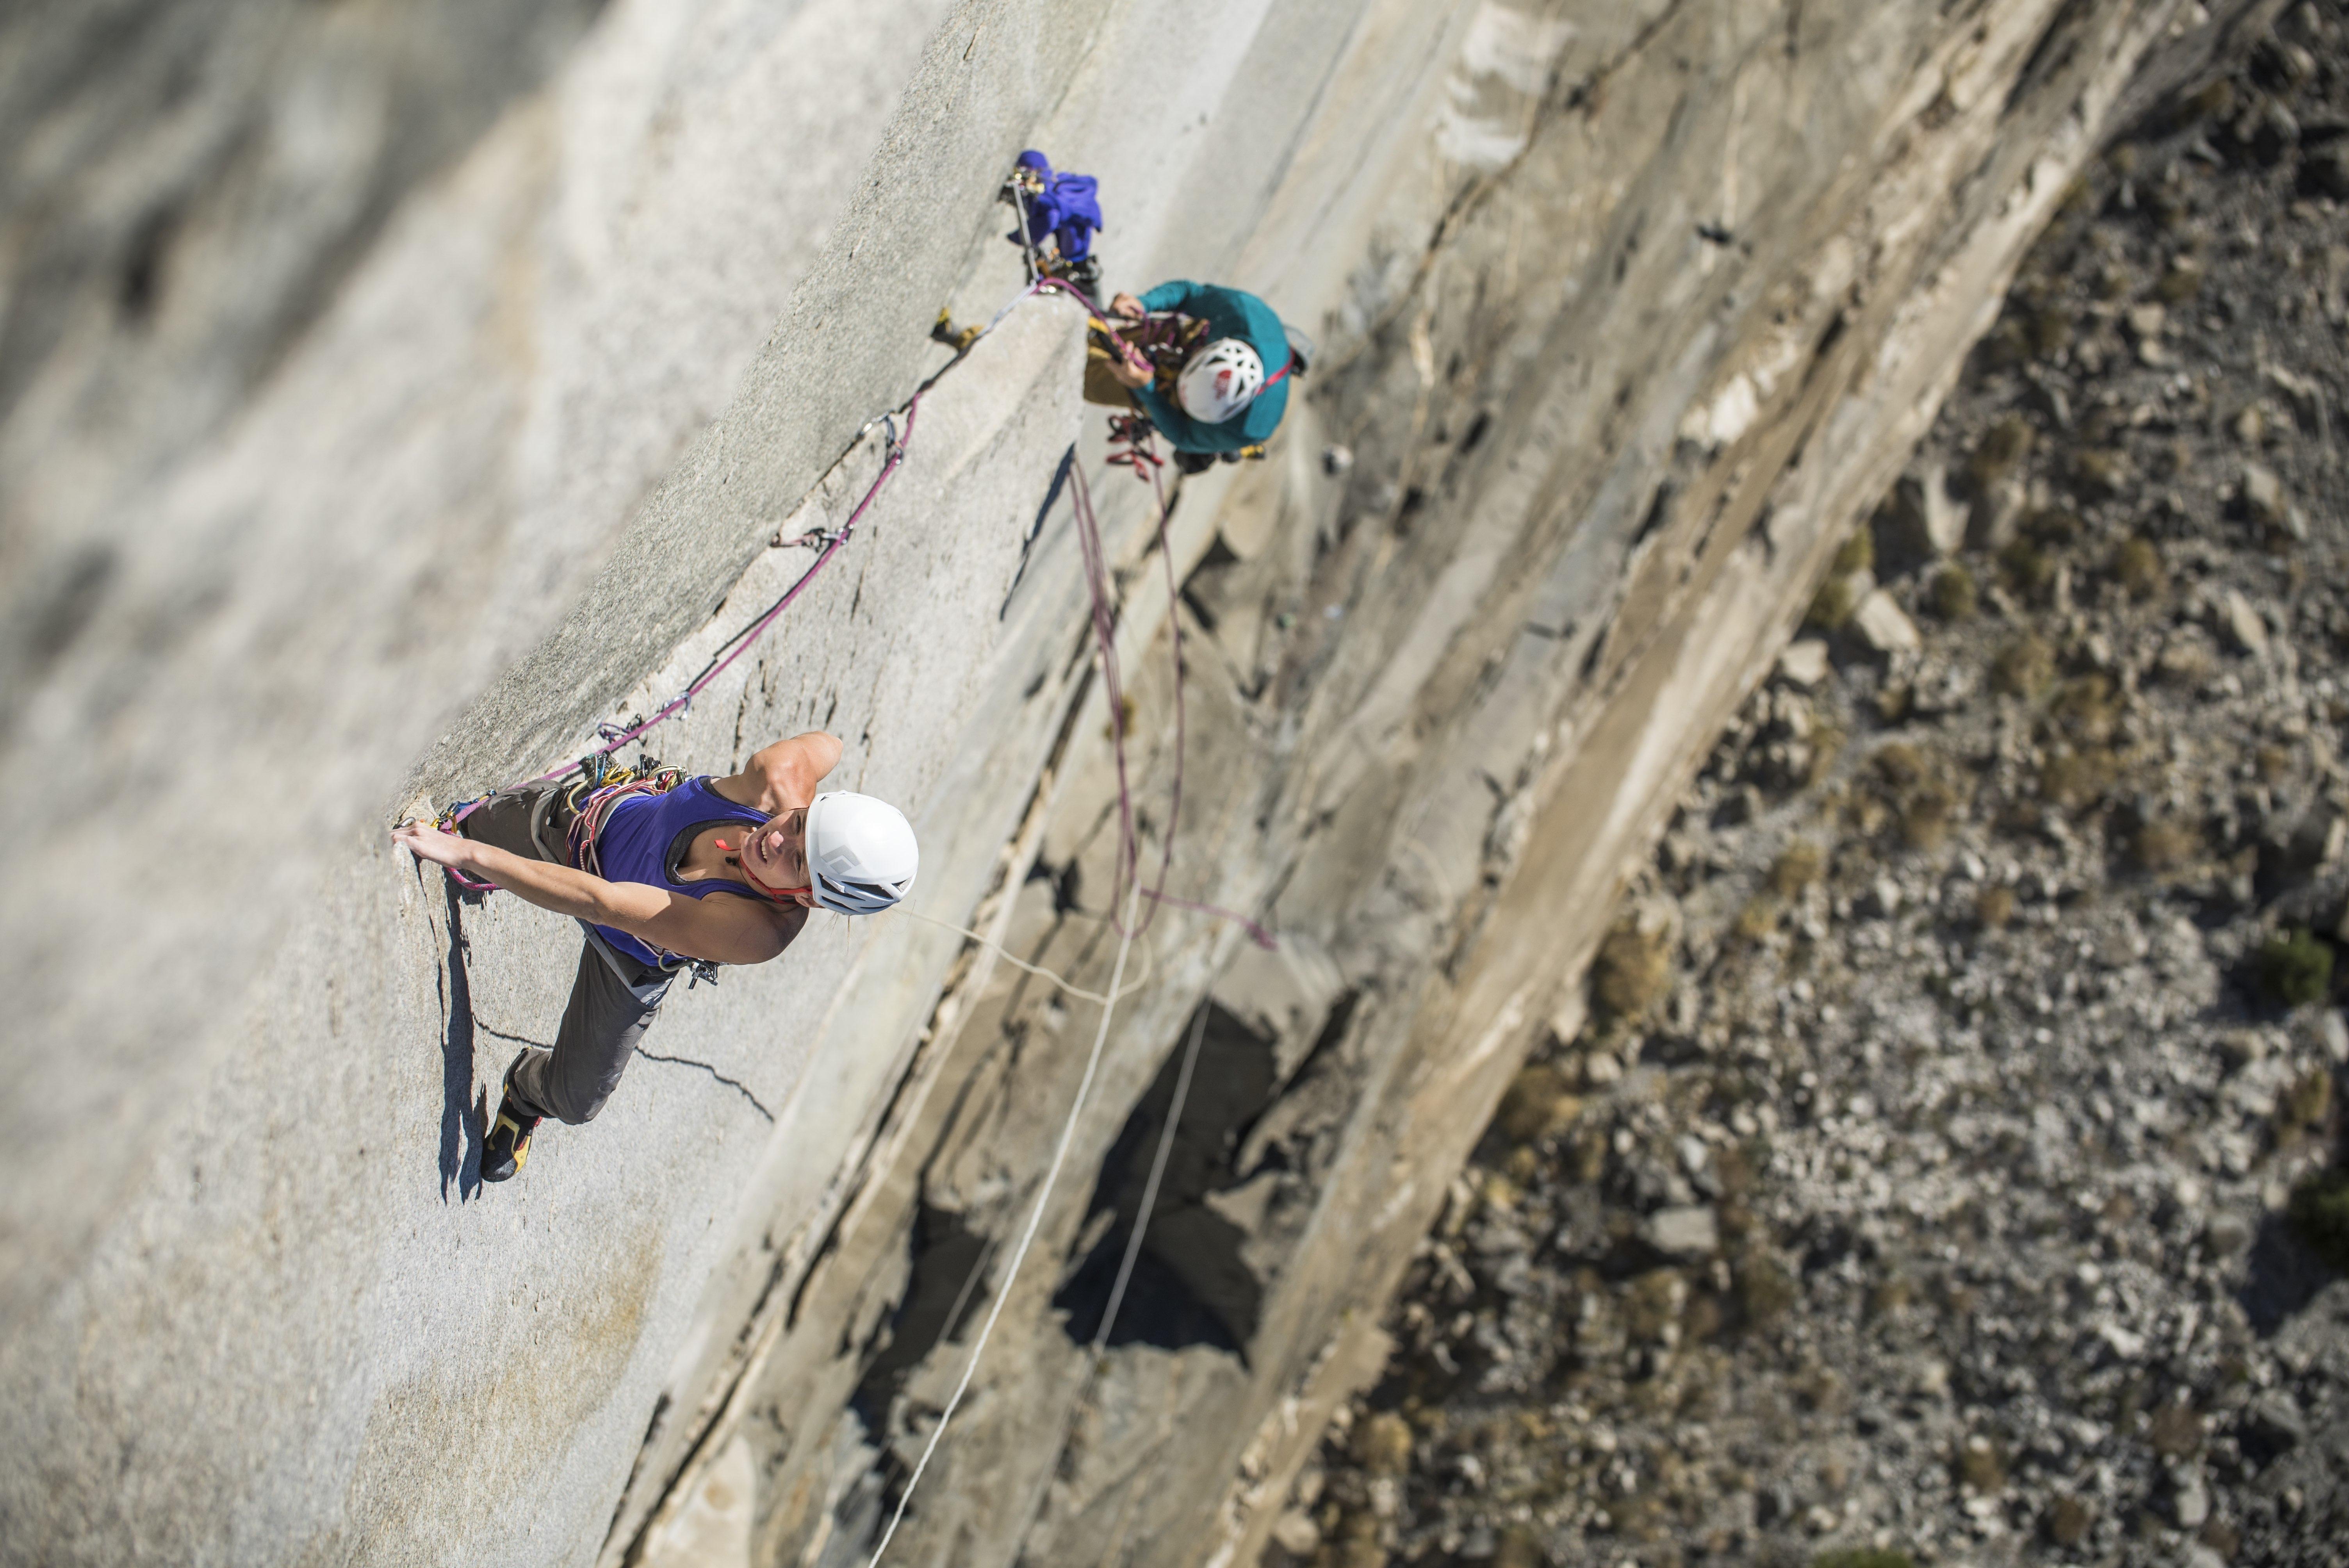 Kletterausrüstung Mammut : Die trends im alpinen klettern tradclimbing und bigwall